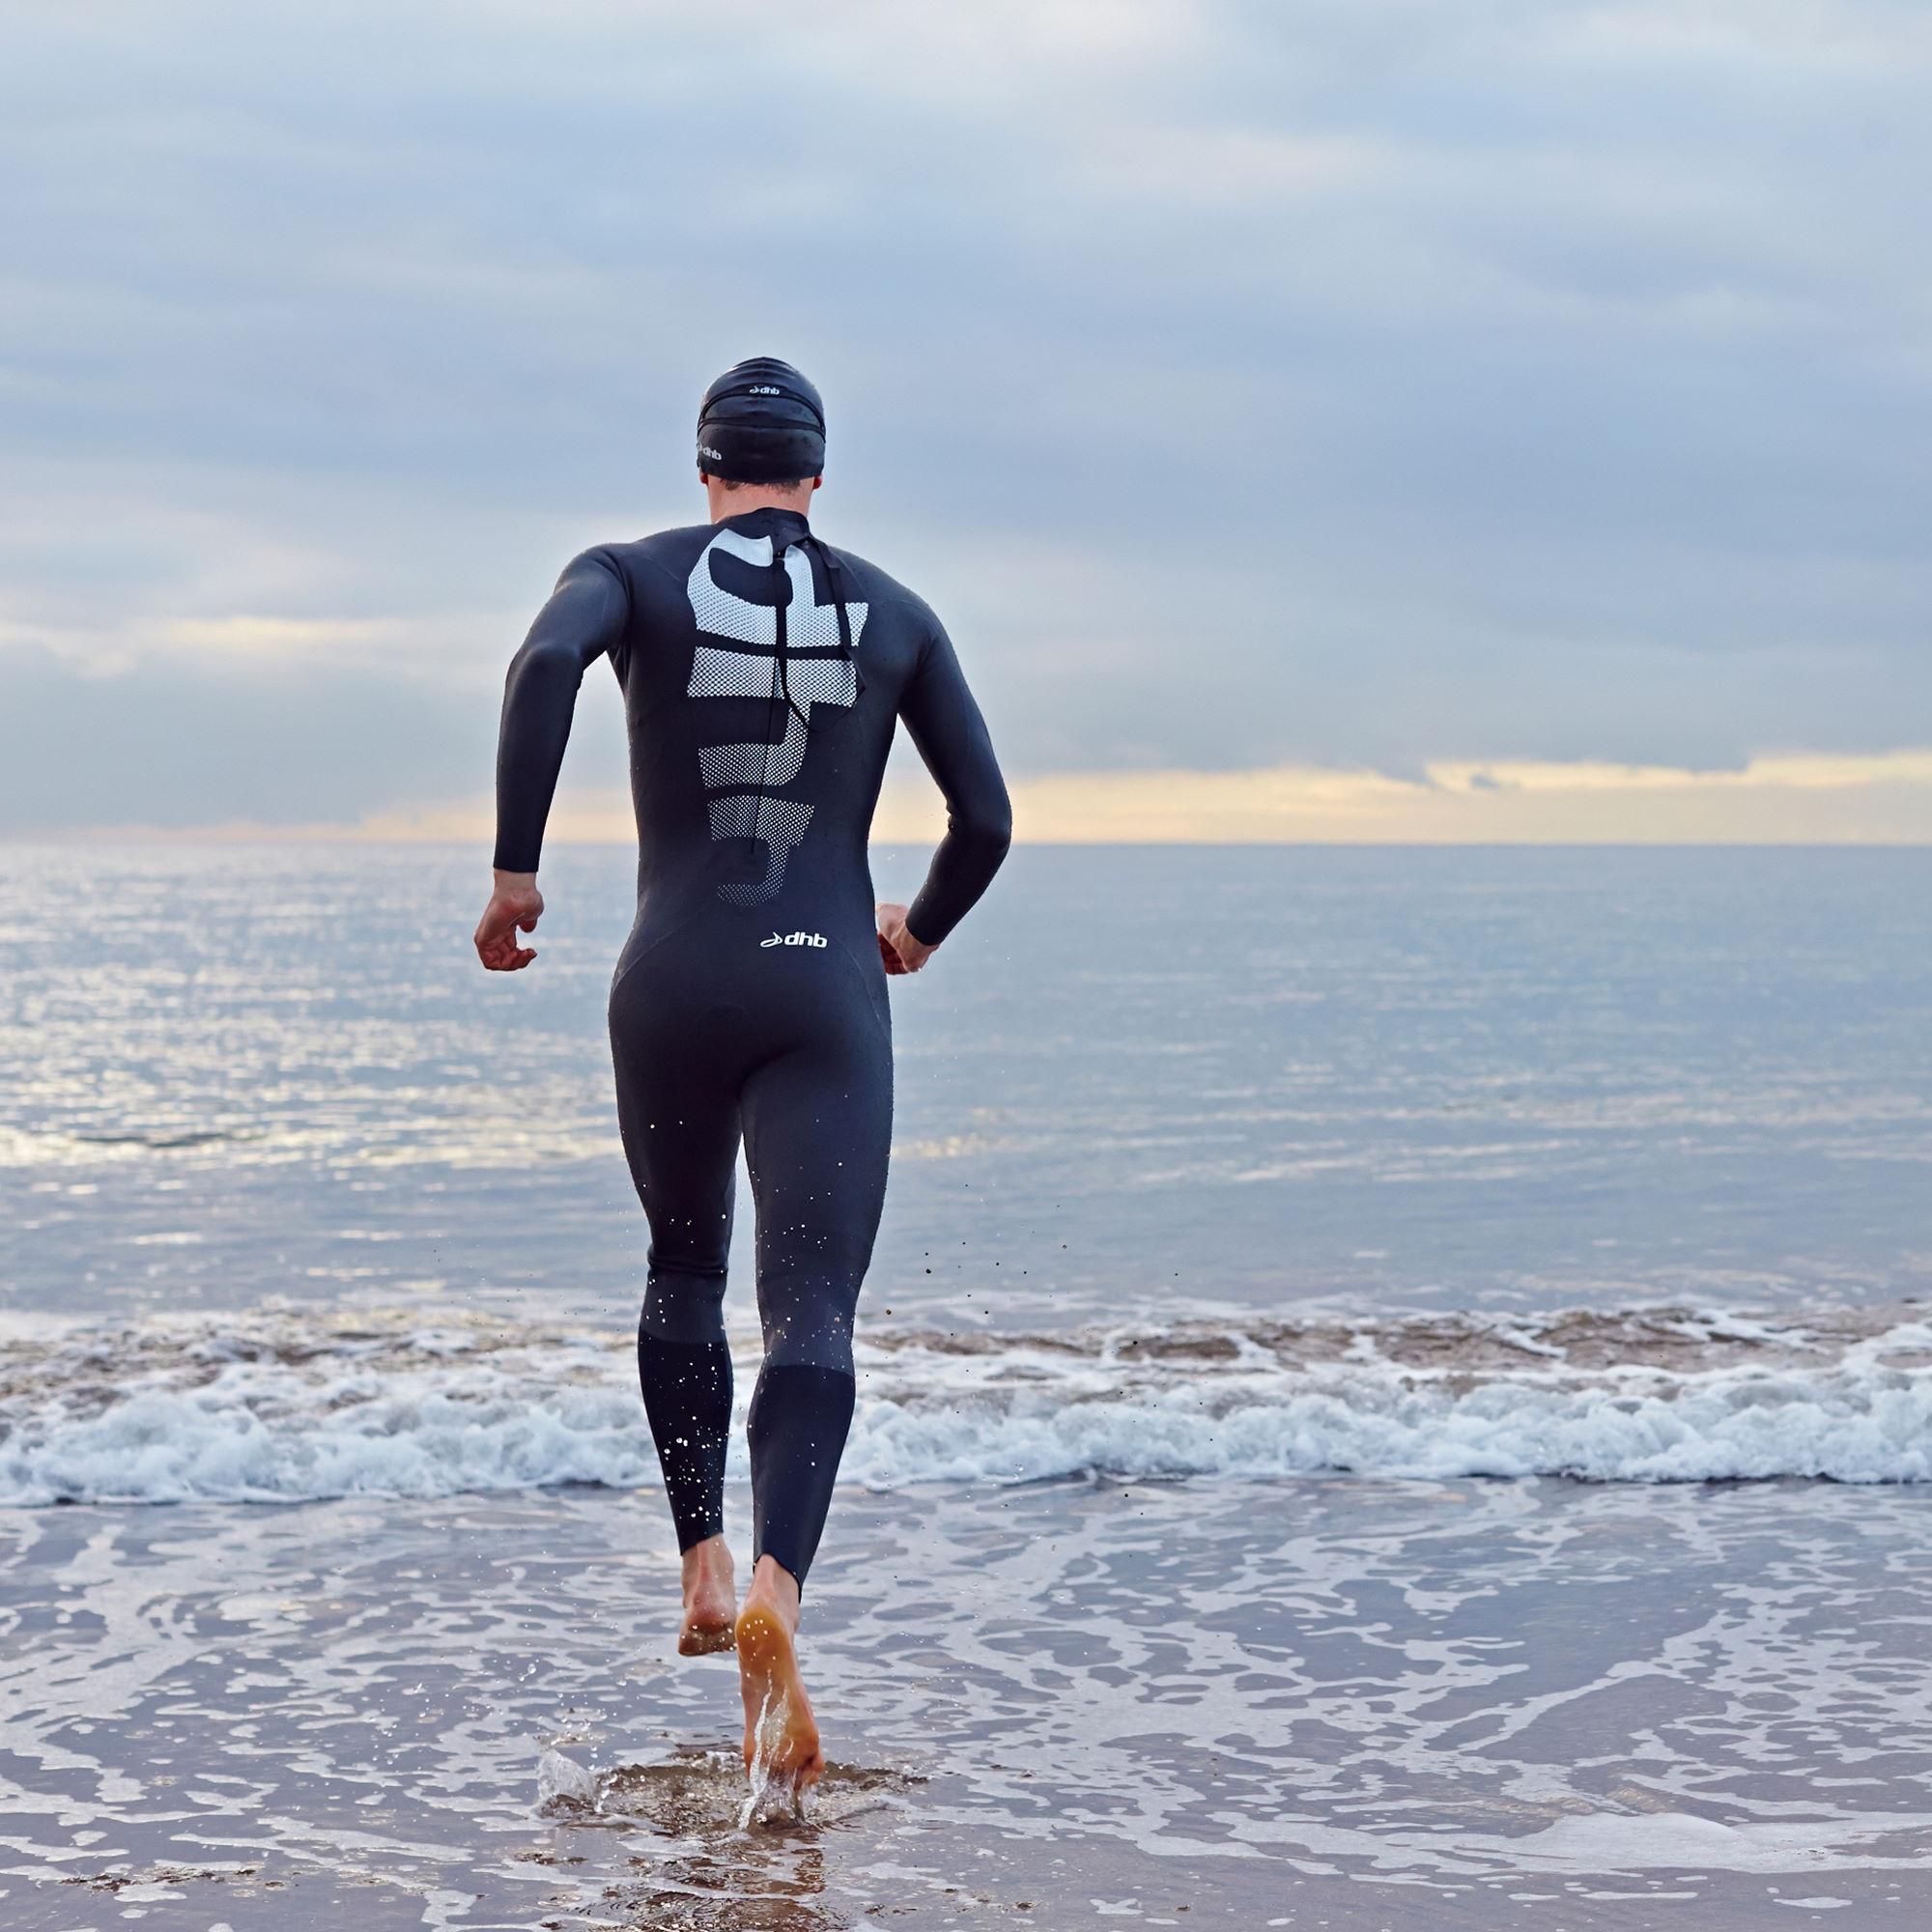 триатлон мужчины фото том, почему